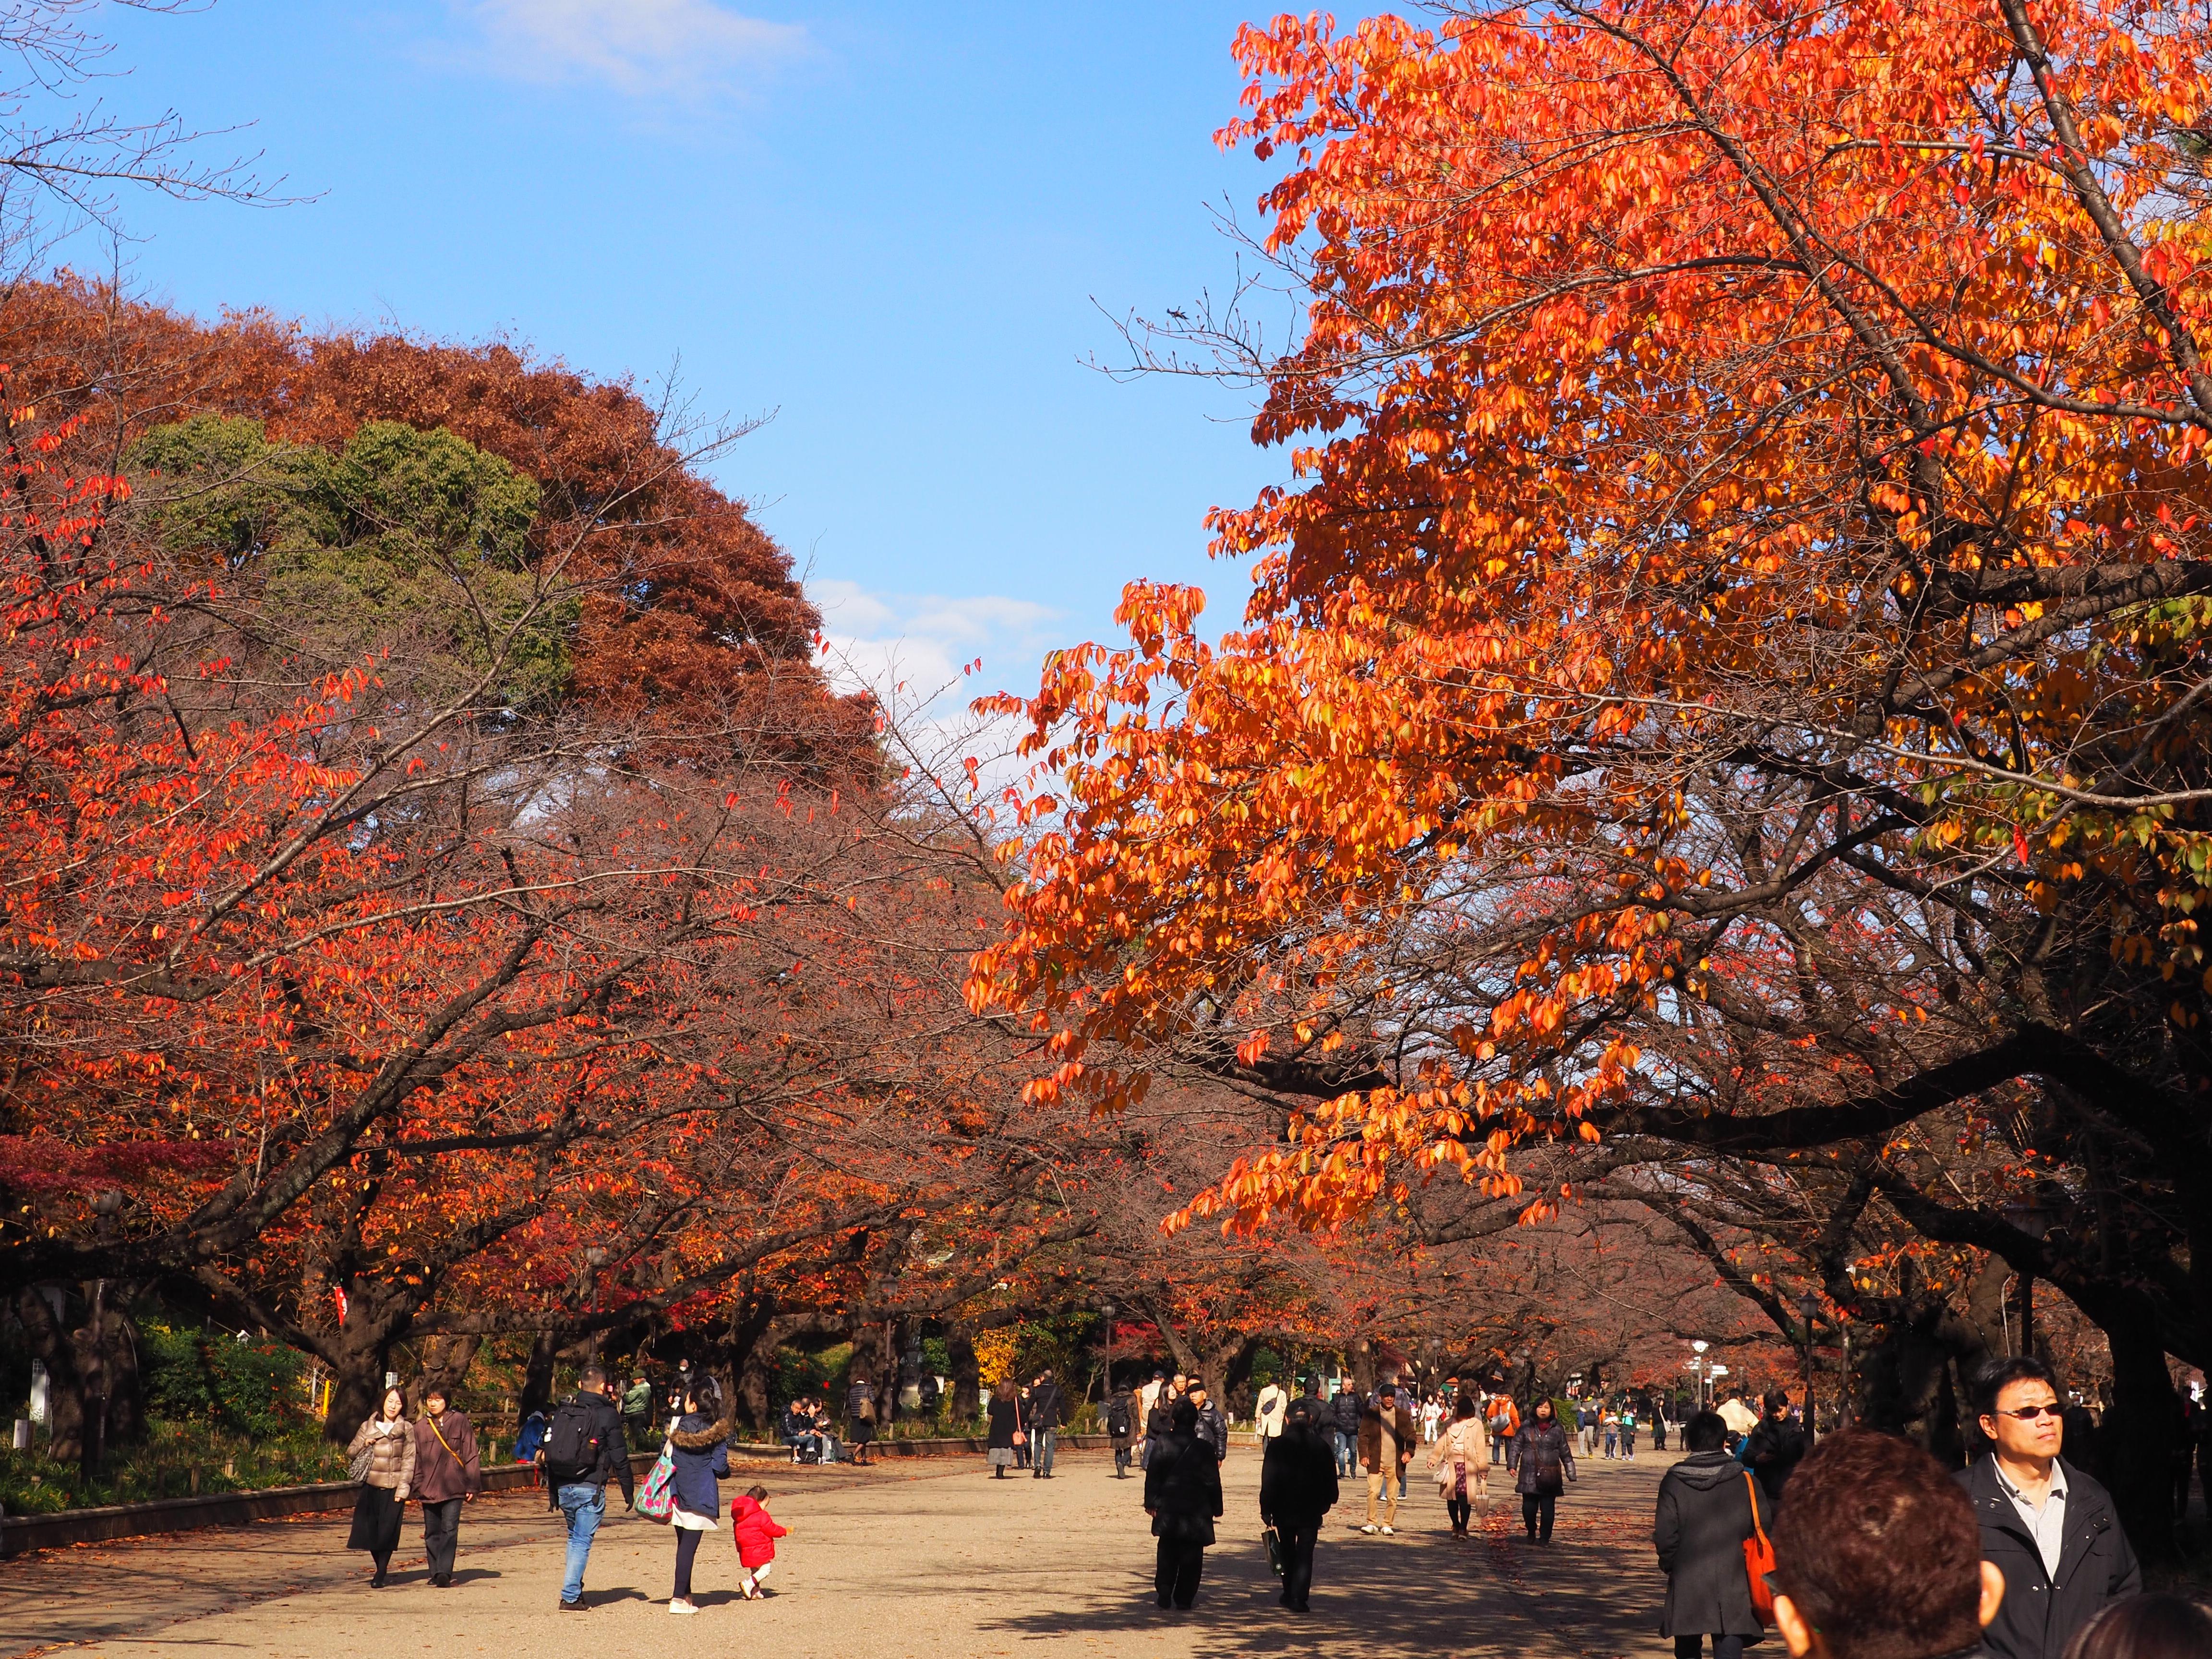 Tokyo (Ueno park)